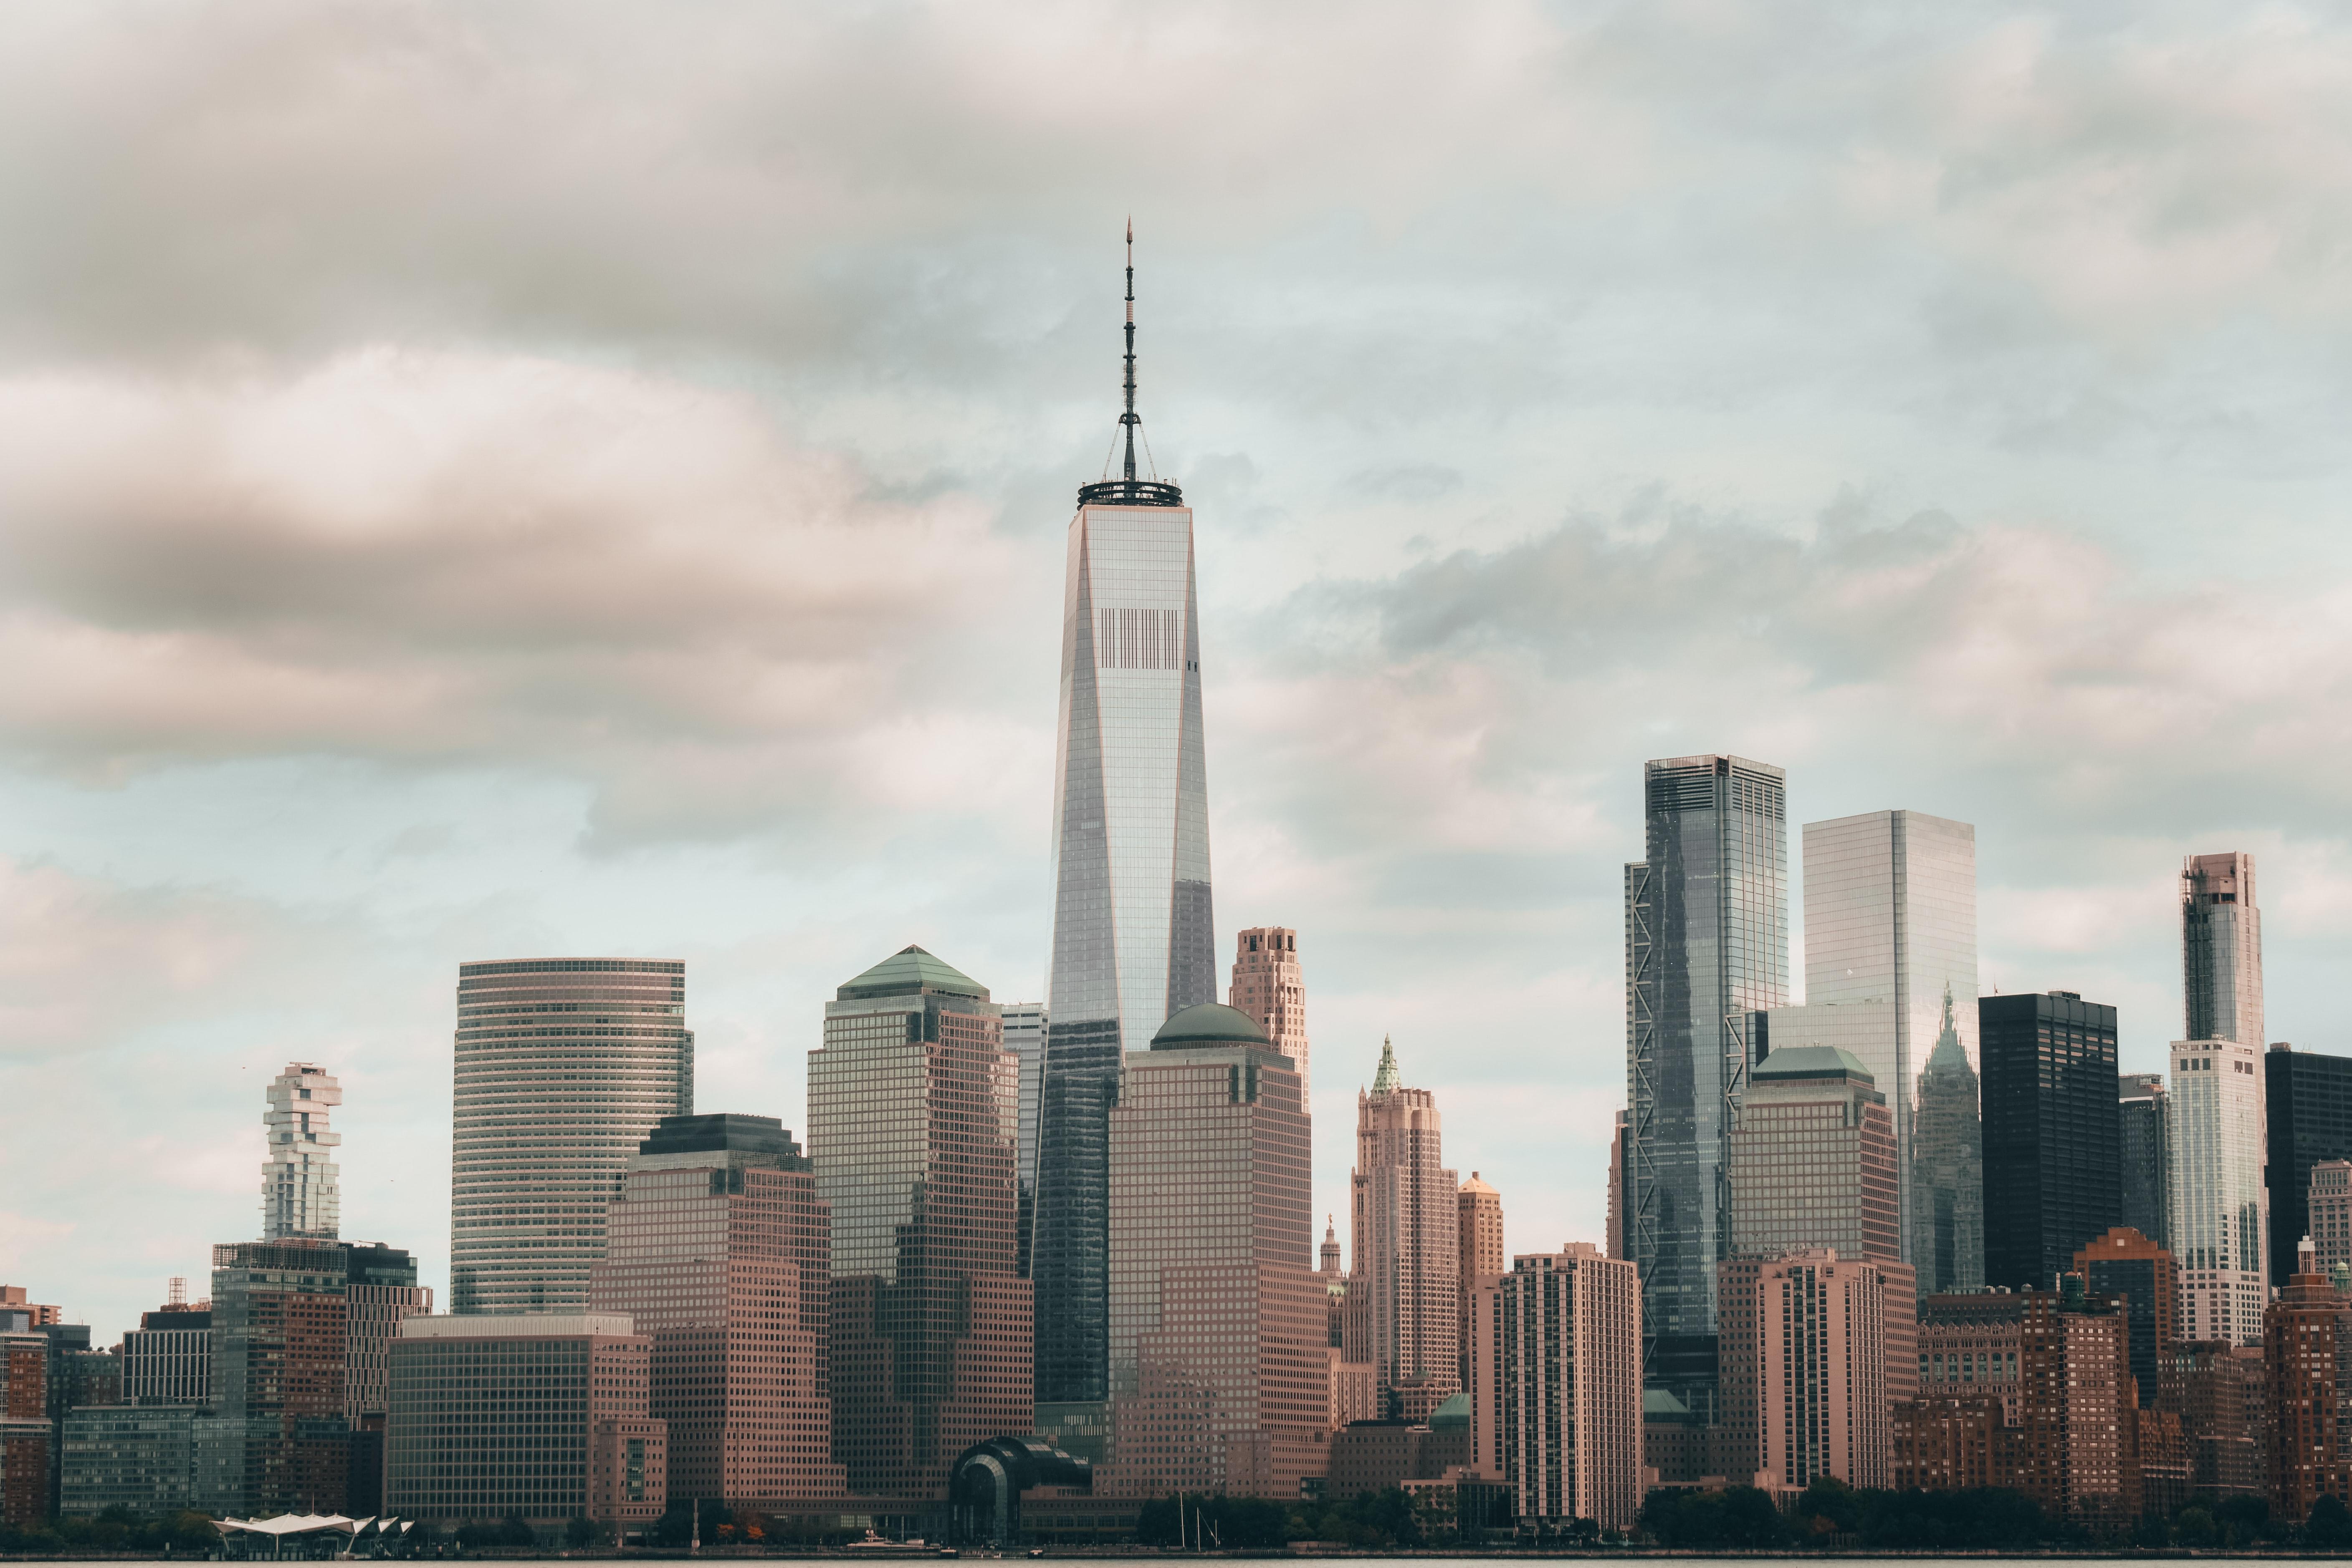 82507壁紙のダウンロード市, 都市, 建物, 高層ビル, 高 層 ビル, ニューヨーク, ニューヨーク州, アーキテクチャ-スクリーンセーバーと写真を無料で